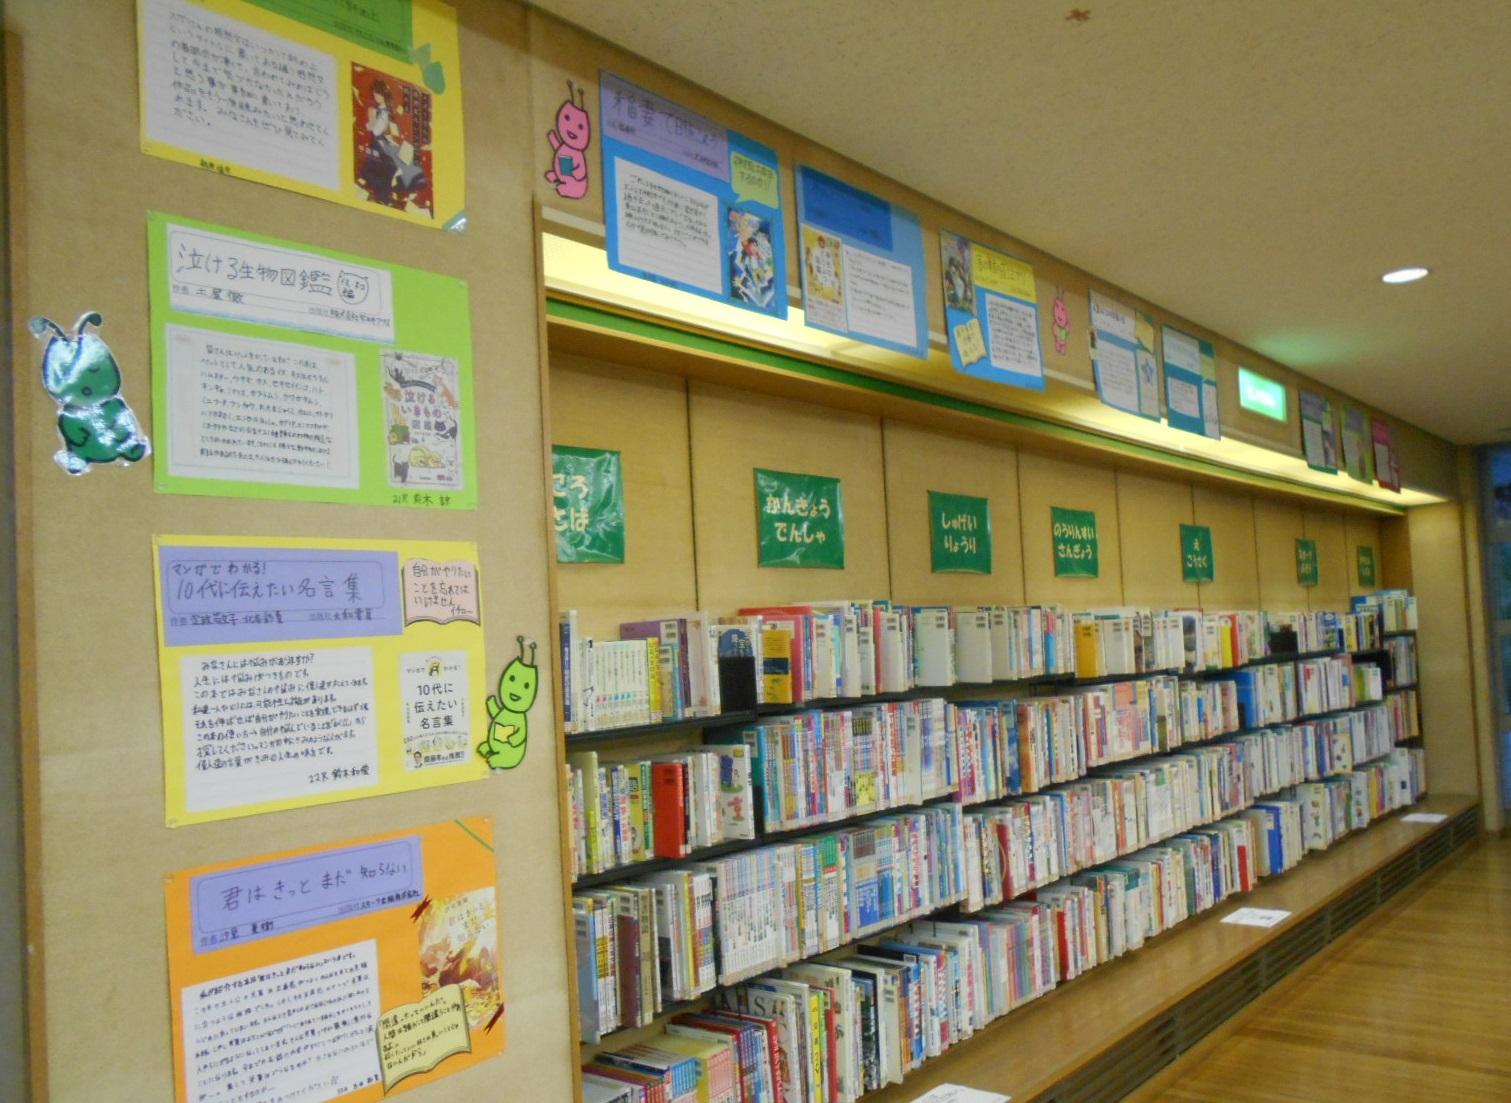 令和2年度秋のトショロ月間「昭和中学校図書委員会おすすめ図書展示」の様子